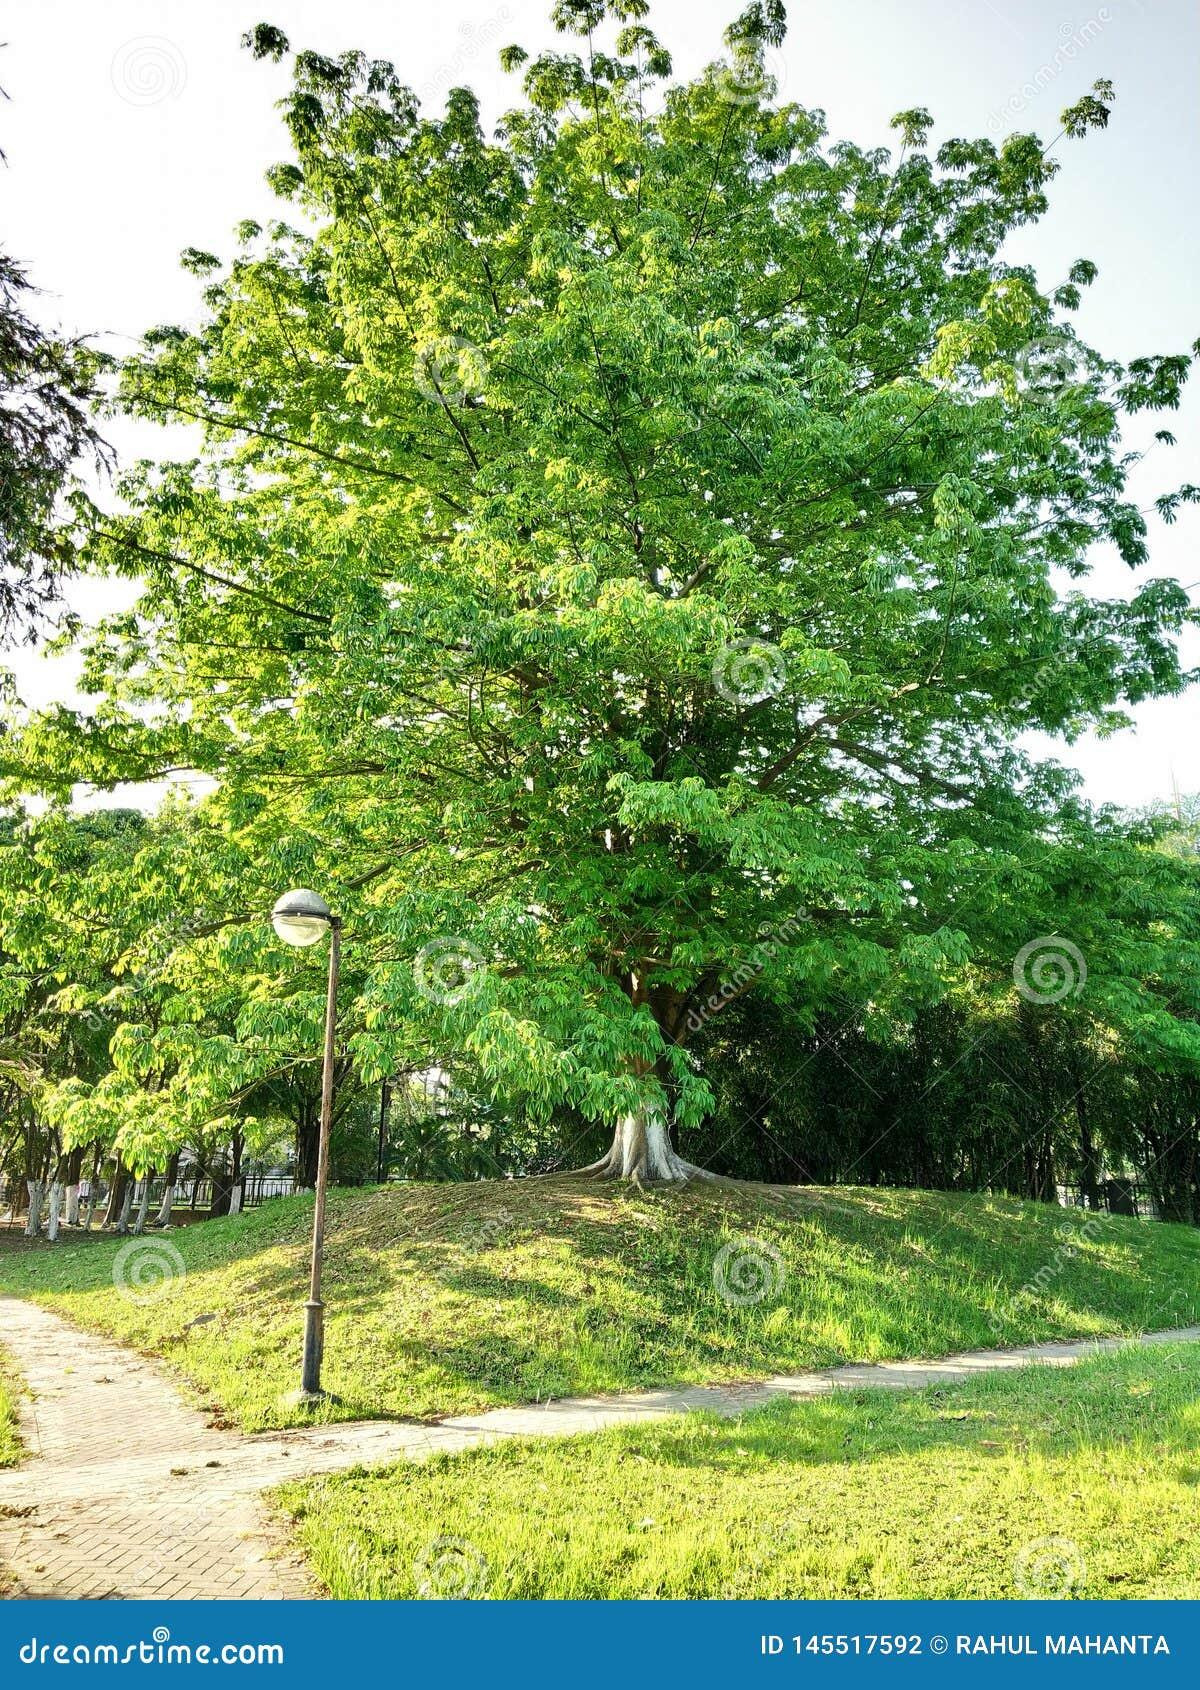 Le grand arbre en parc regarde si beau et arbre, avant de s qu une photo de poteau vue regarde si attrayante